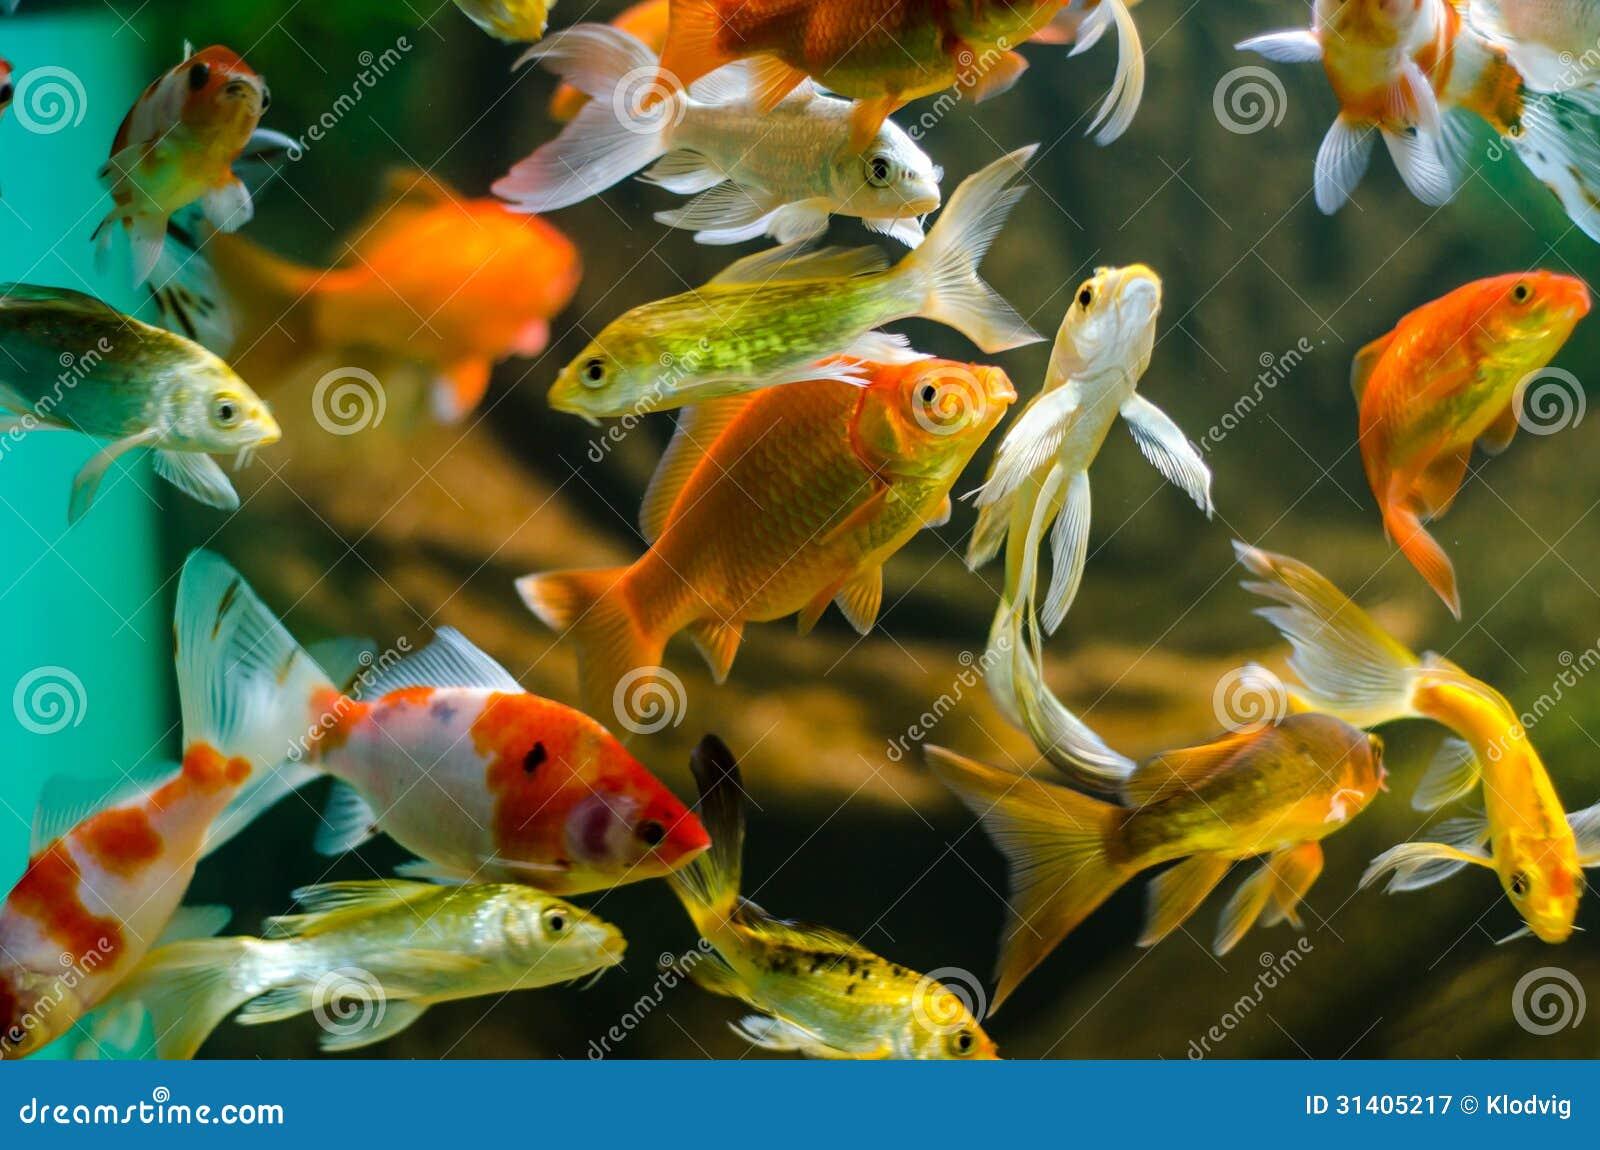 Koi e carpa no aquário